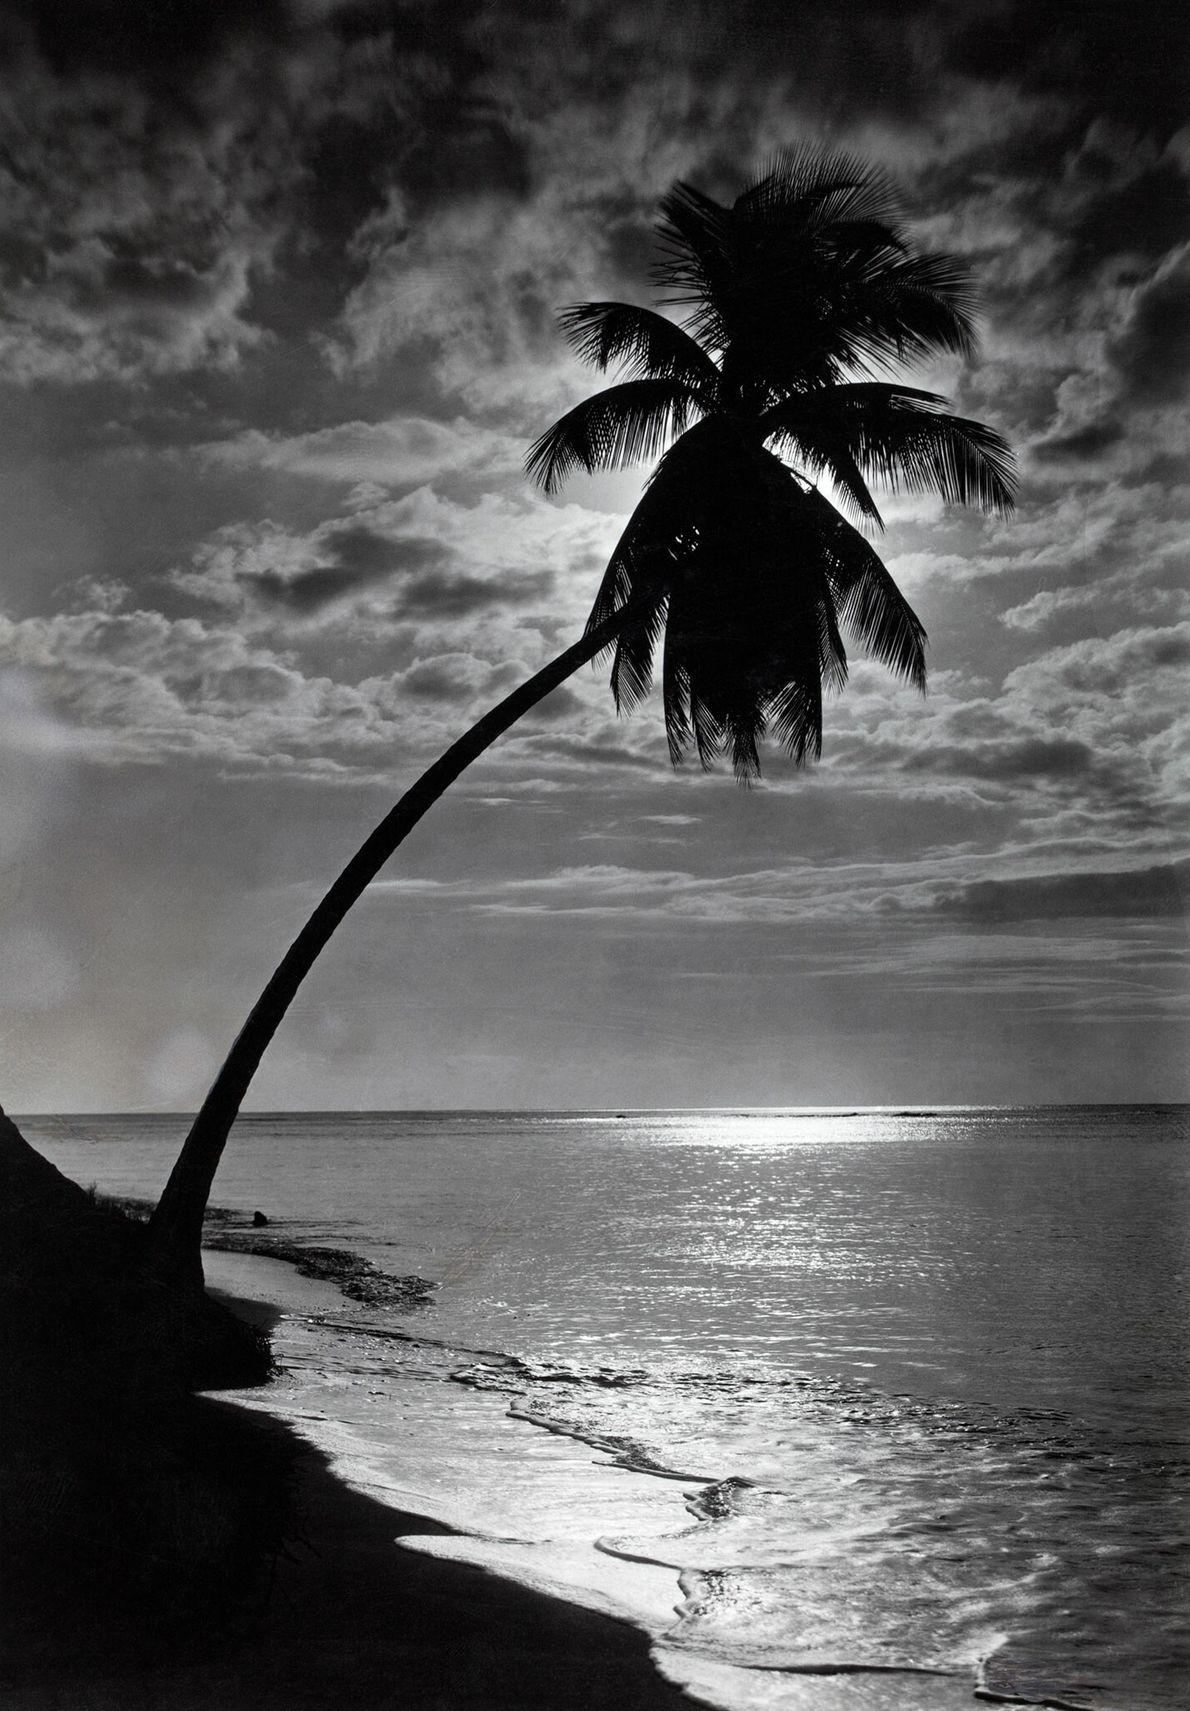 Die Silhouette einer Palme (Cocos nucifera) verdeckt die Sonne an einem Strand.